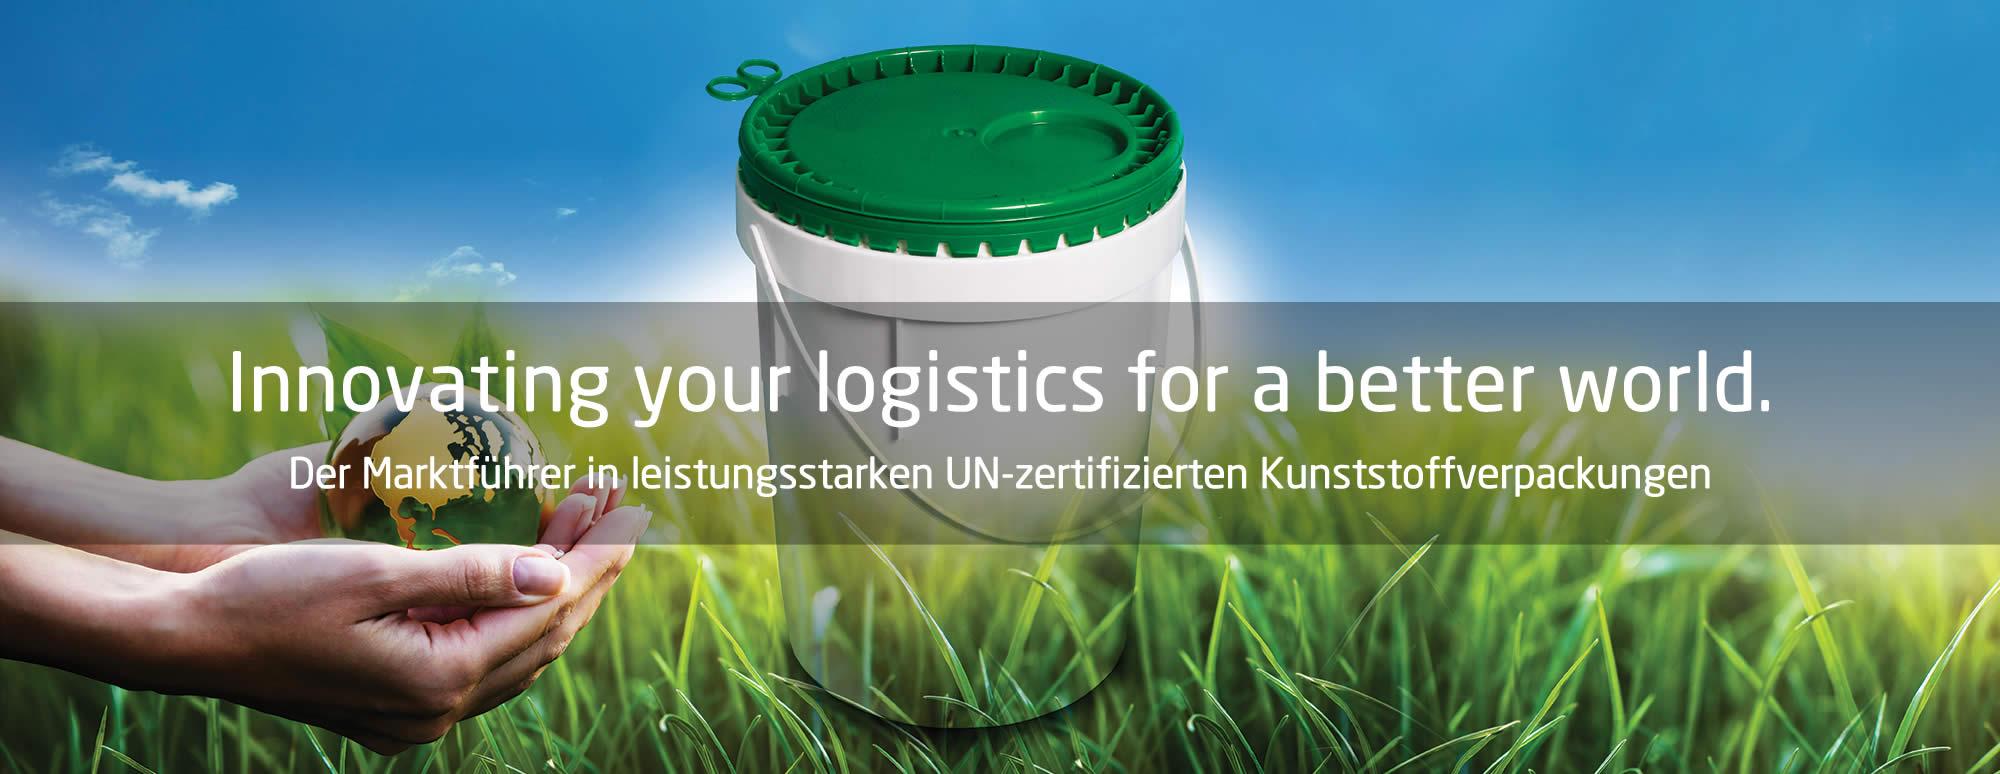 UN- und Originale- Verpackungslösungen